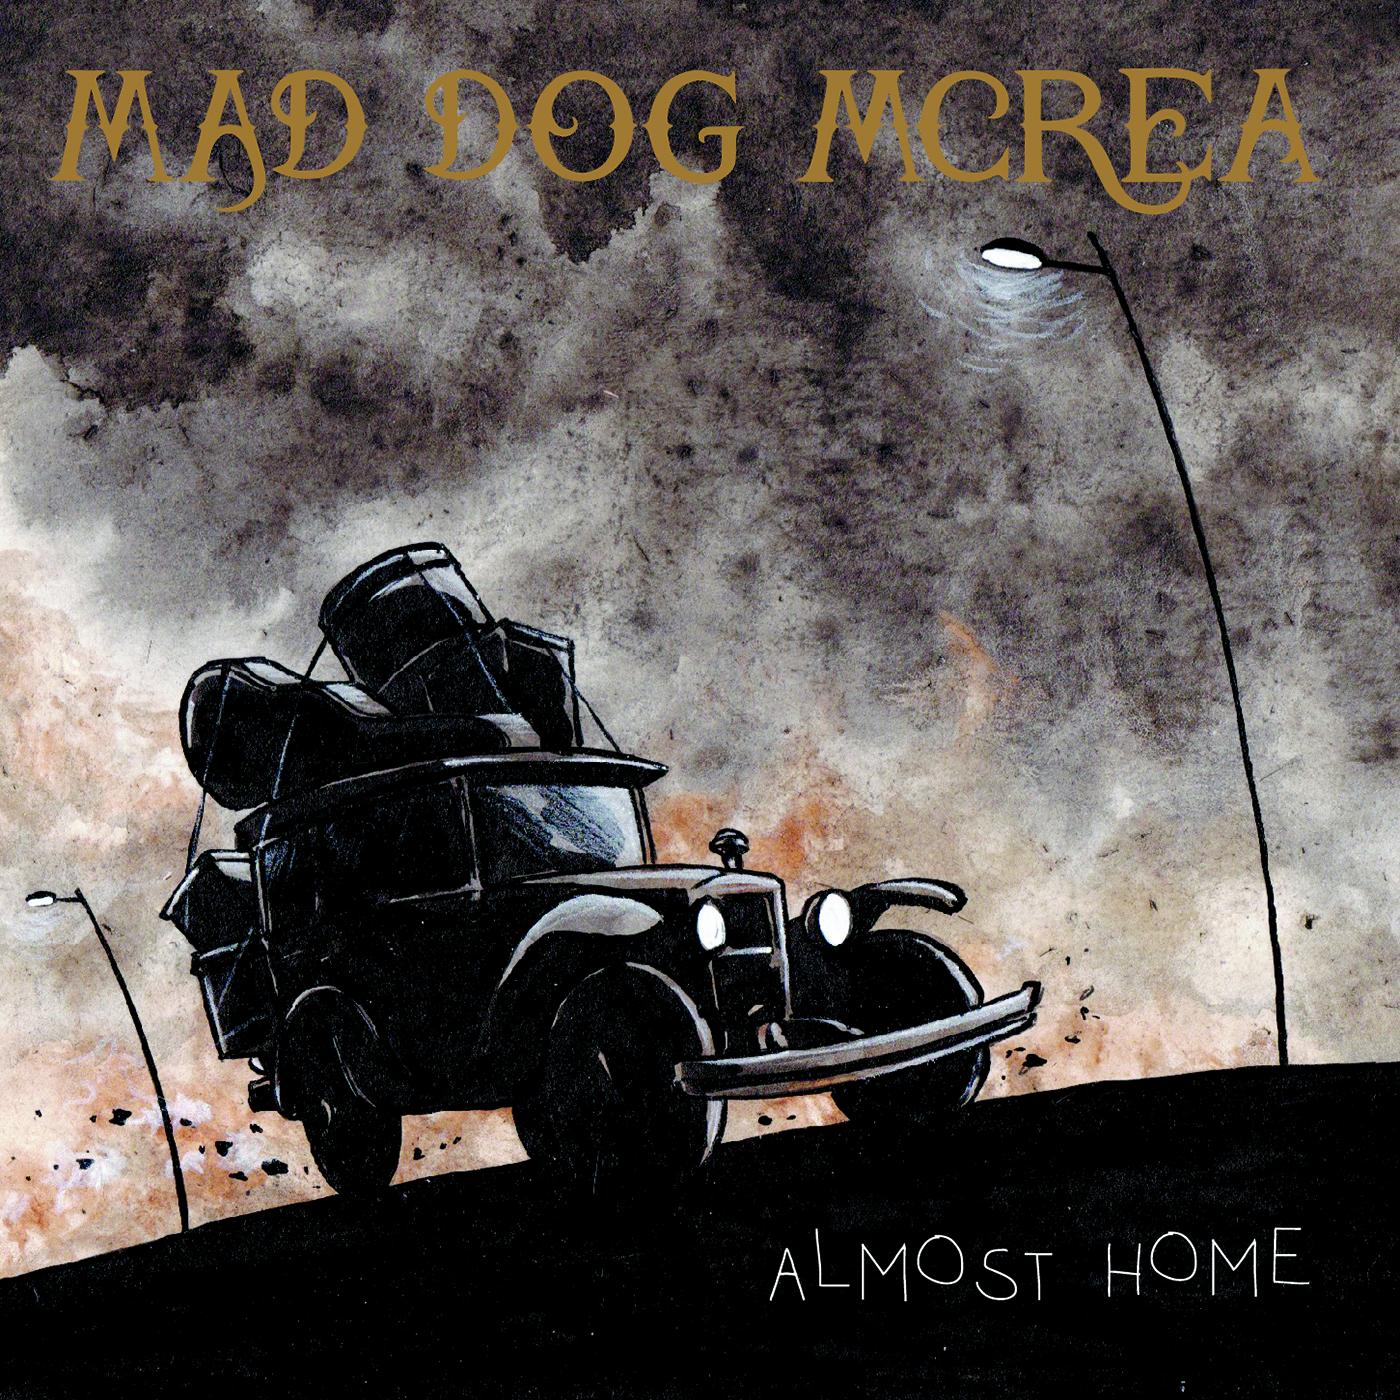 Almost Home - Mad Dog Mcrea